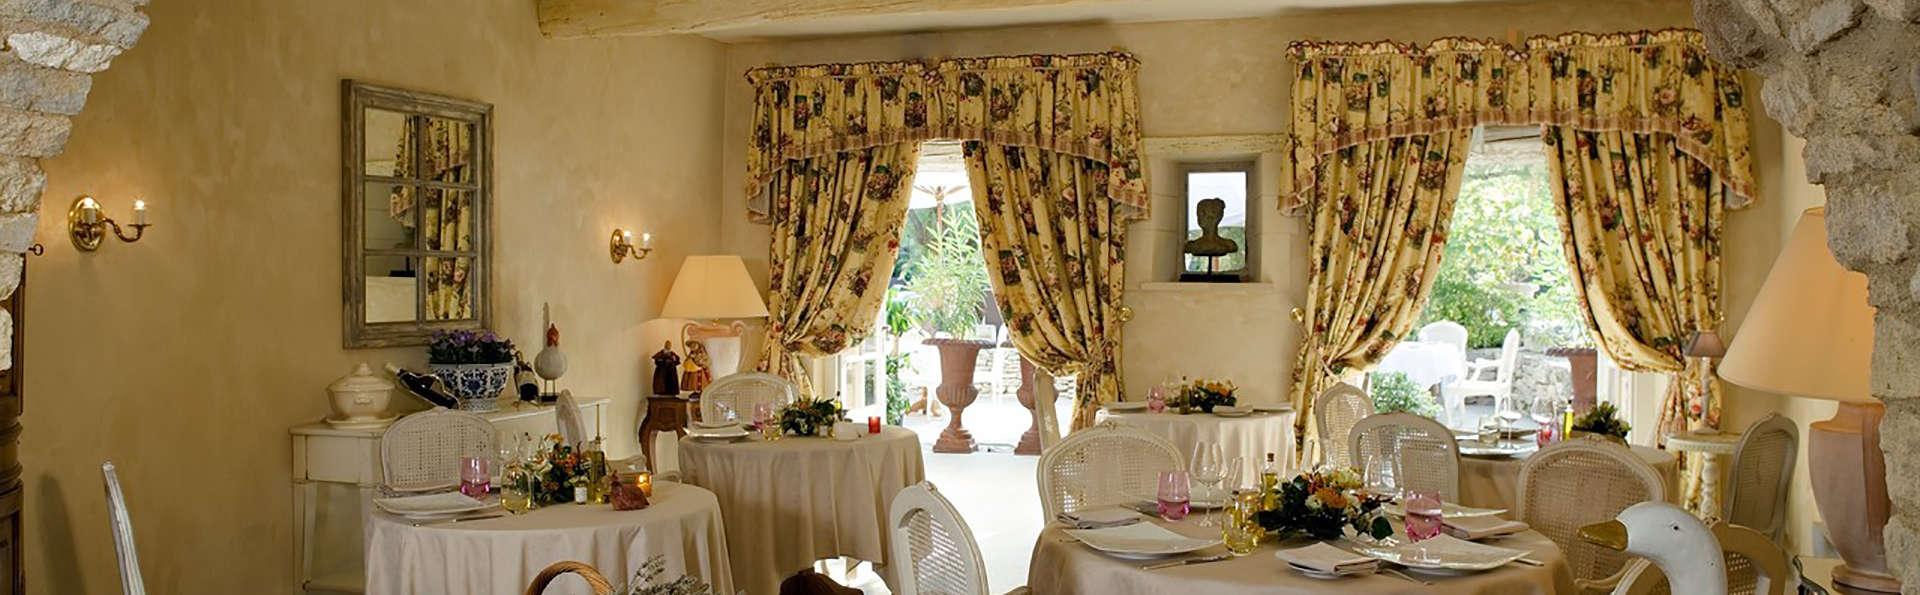 Week-end avec dîner à proximité d'Avignon